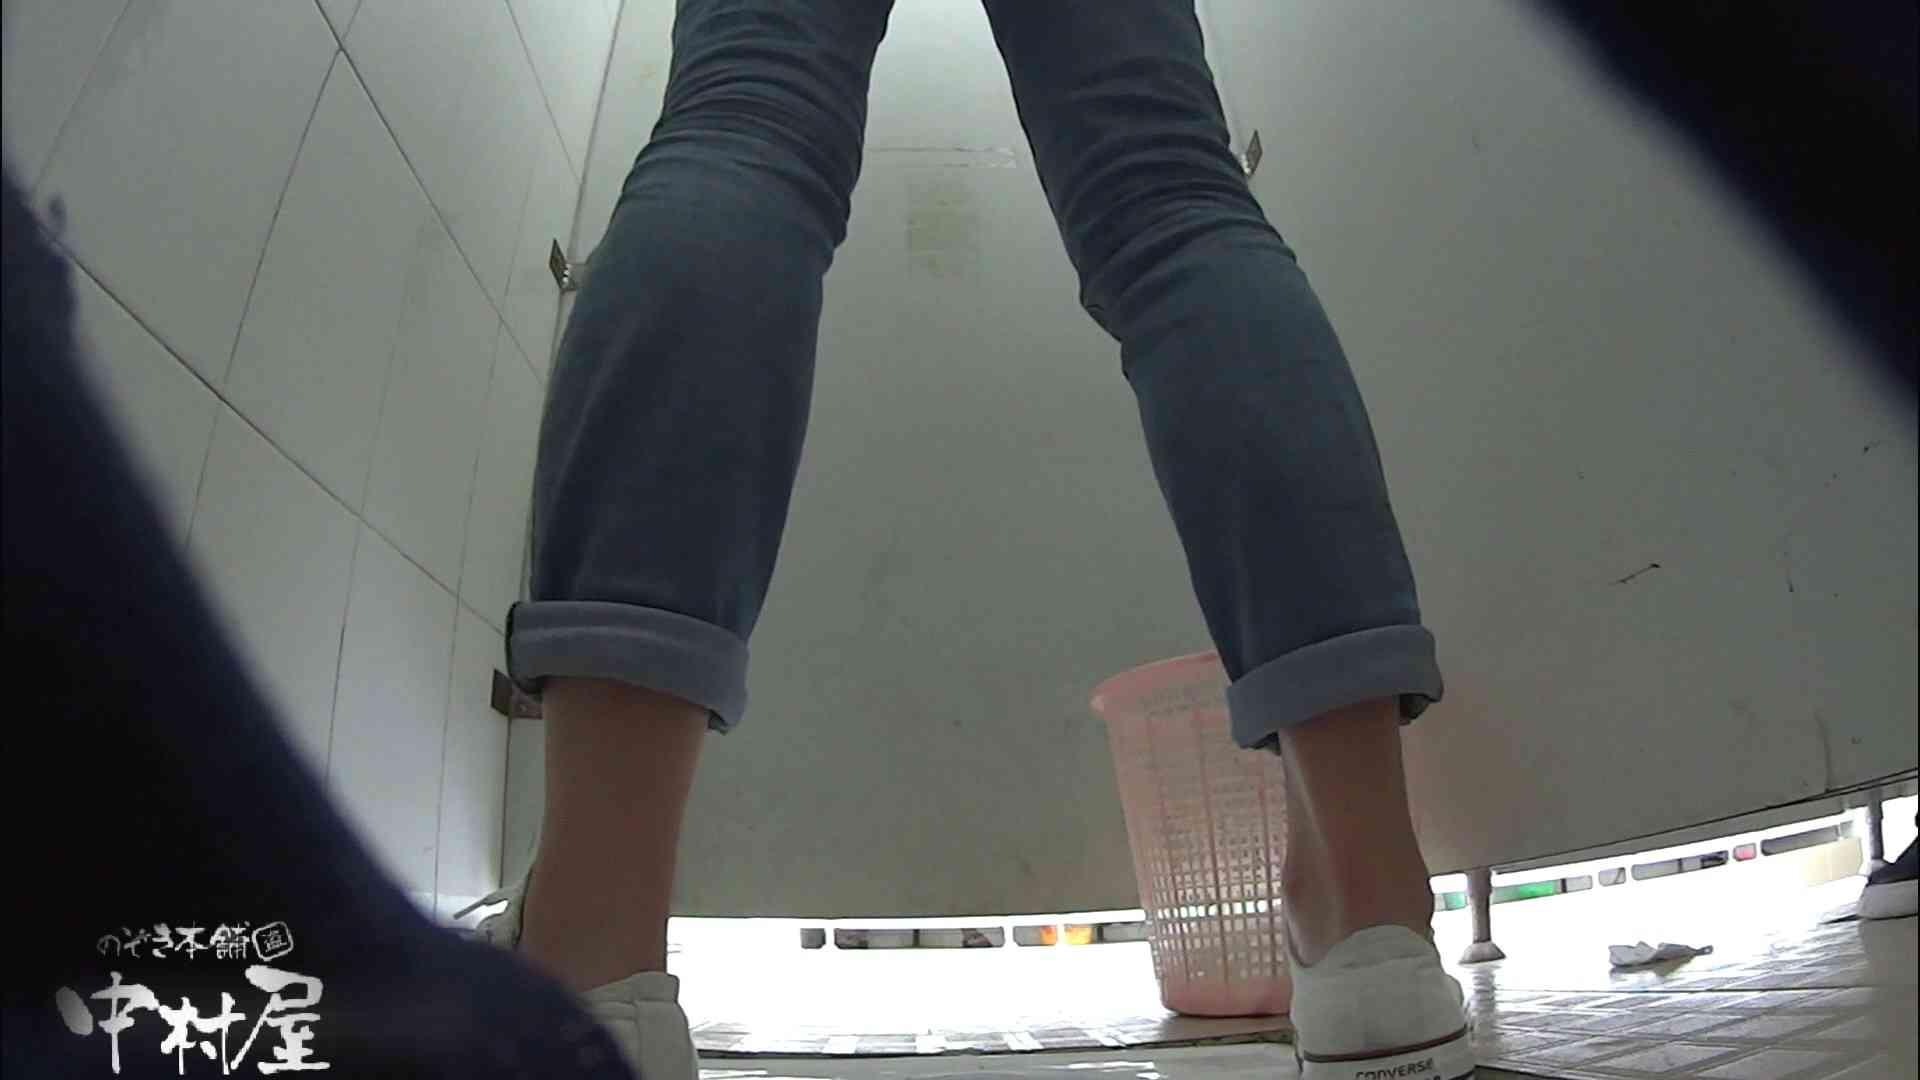 名大学休憩時間の洗面所事情01 盗撮映像  85Pix 64